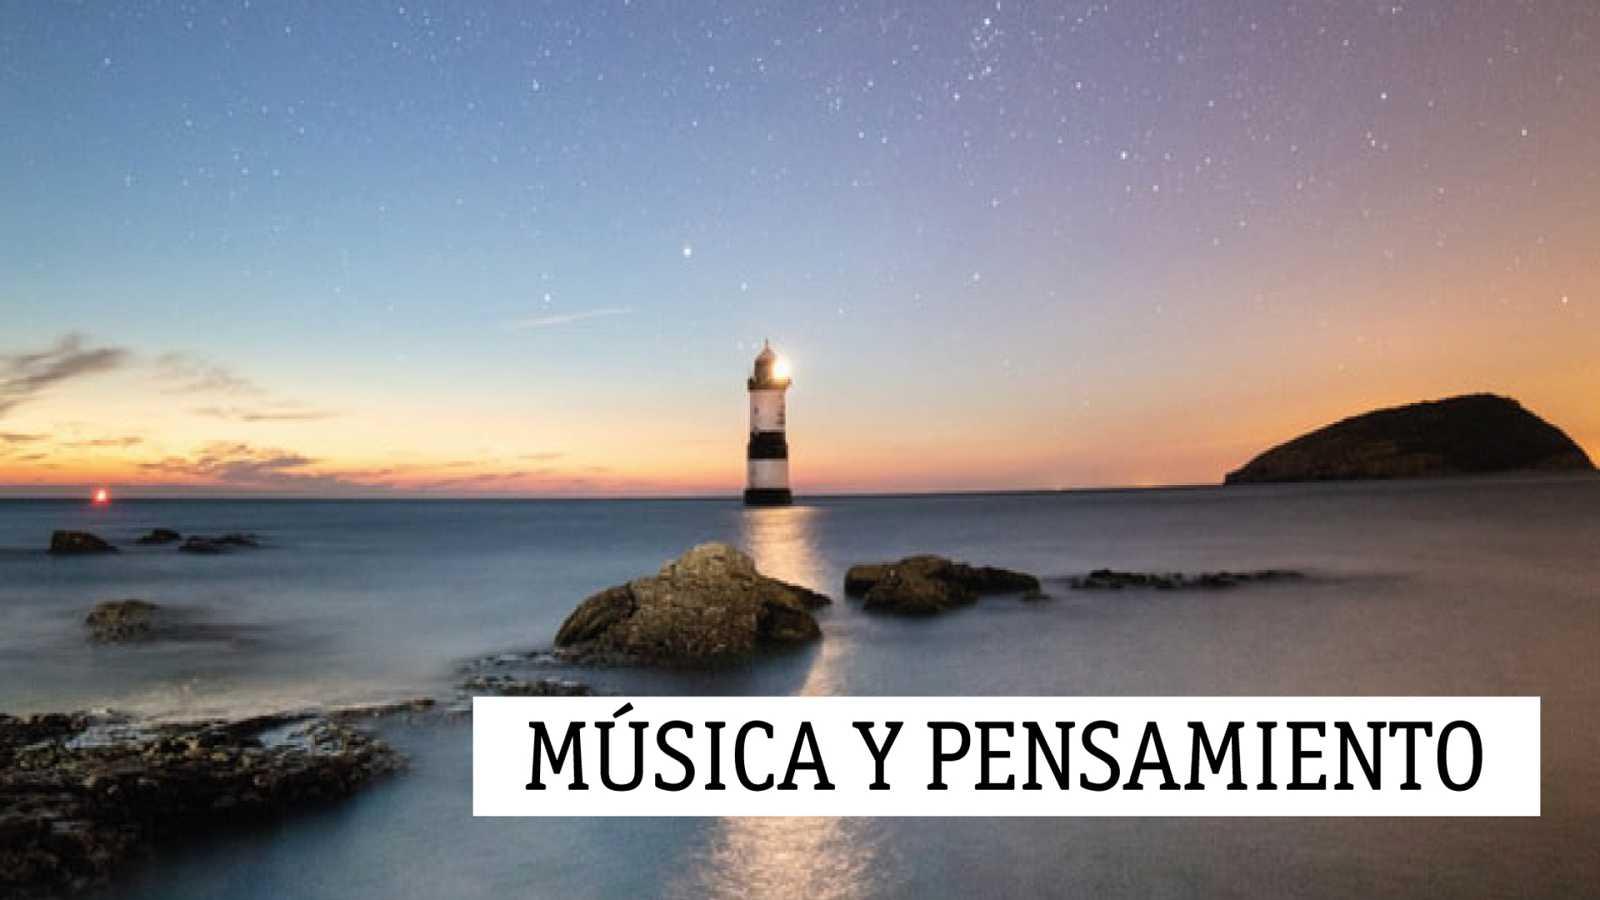 Música y Pensamiento - Holbach - 16/05/21 - escuchar ahora